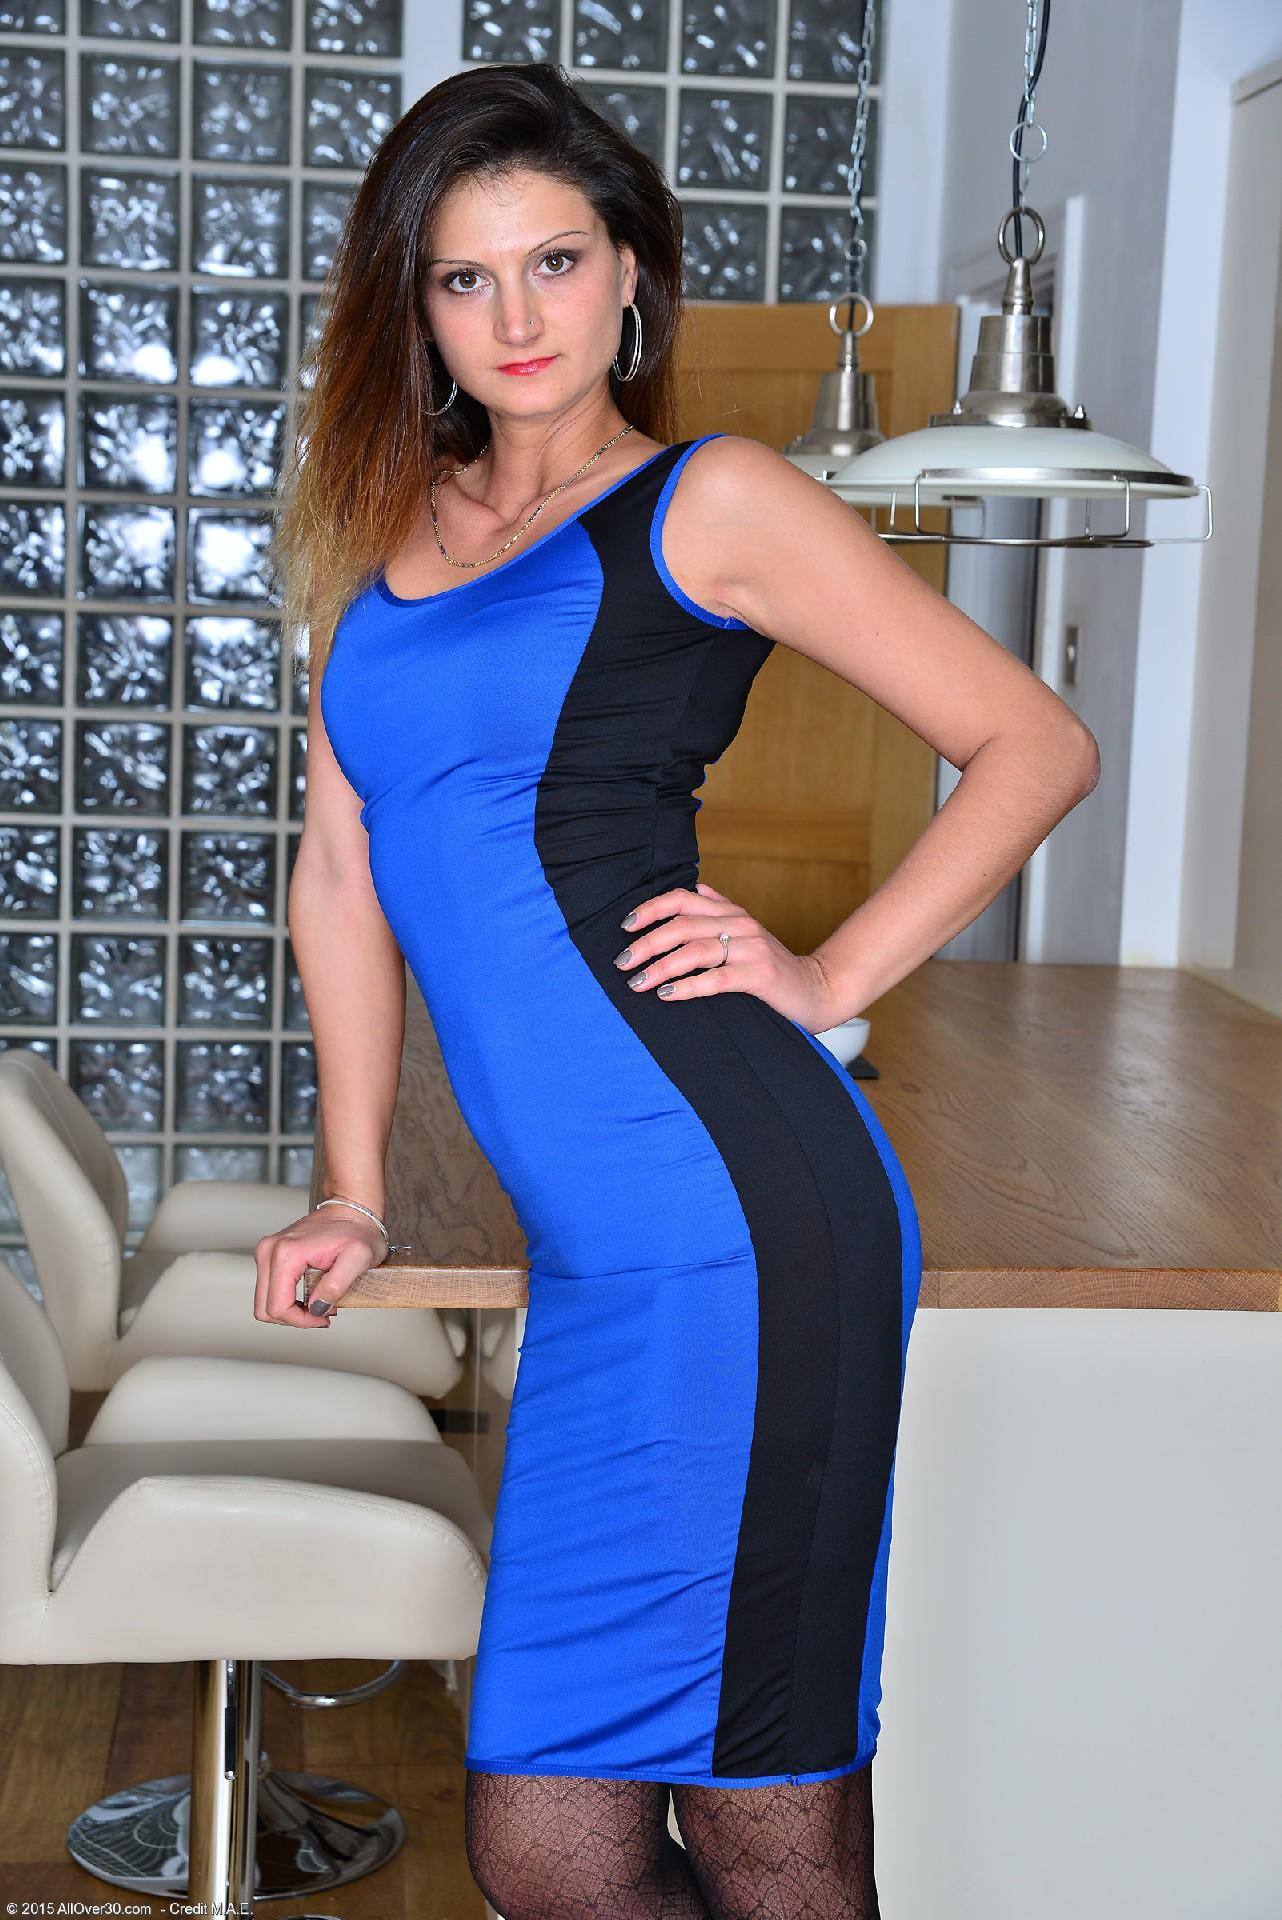 Ева Джонсон снимает с себя обтягивающее платье и оказывается обнажена